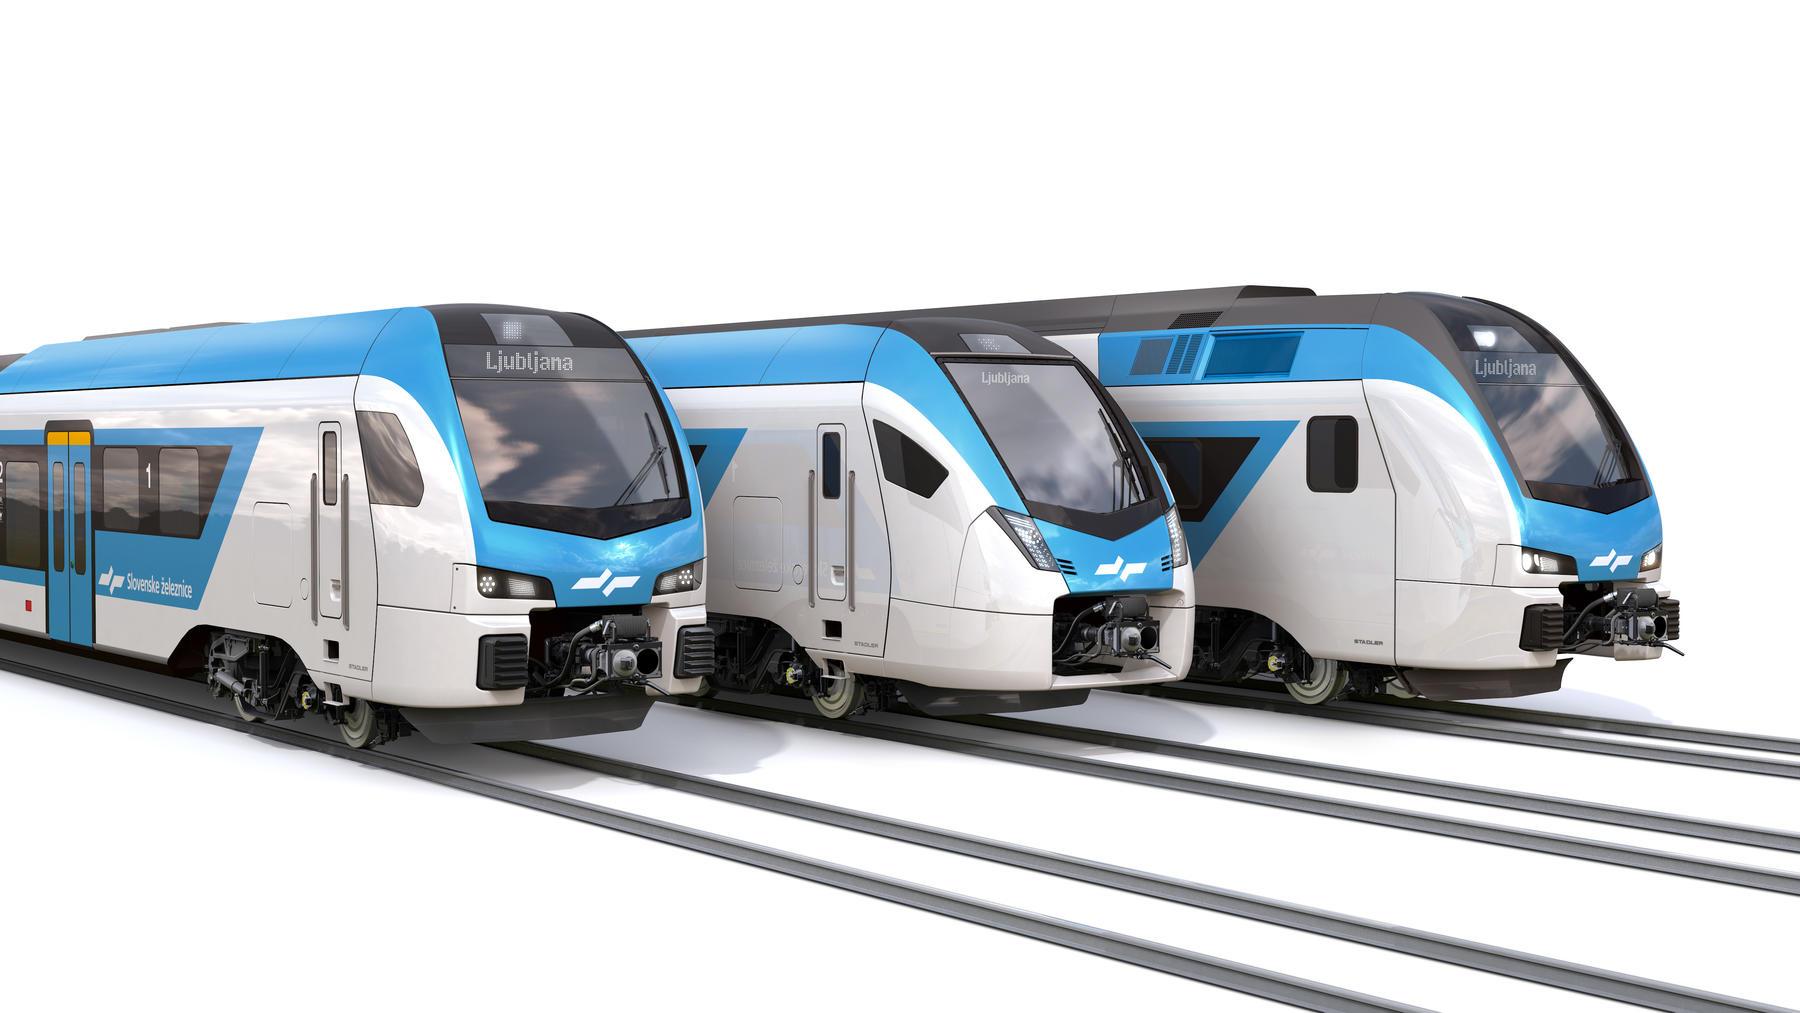 În timp ce România e blocată și pe calea ferată, Italia investește masiv în noi trenuri de performanță